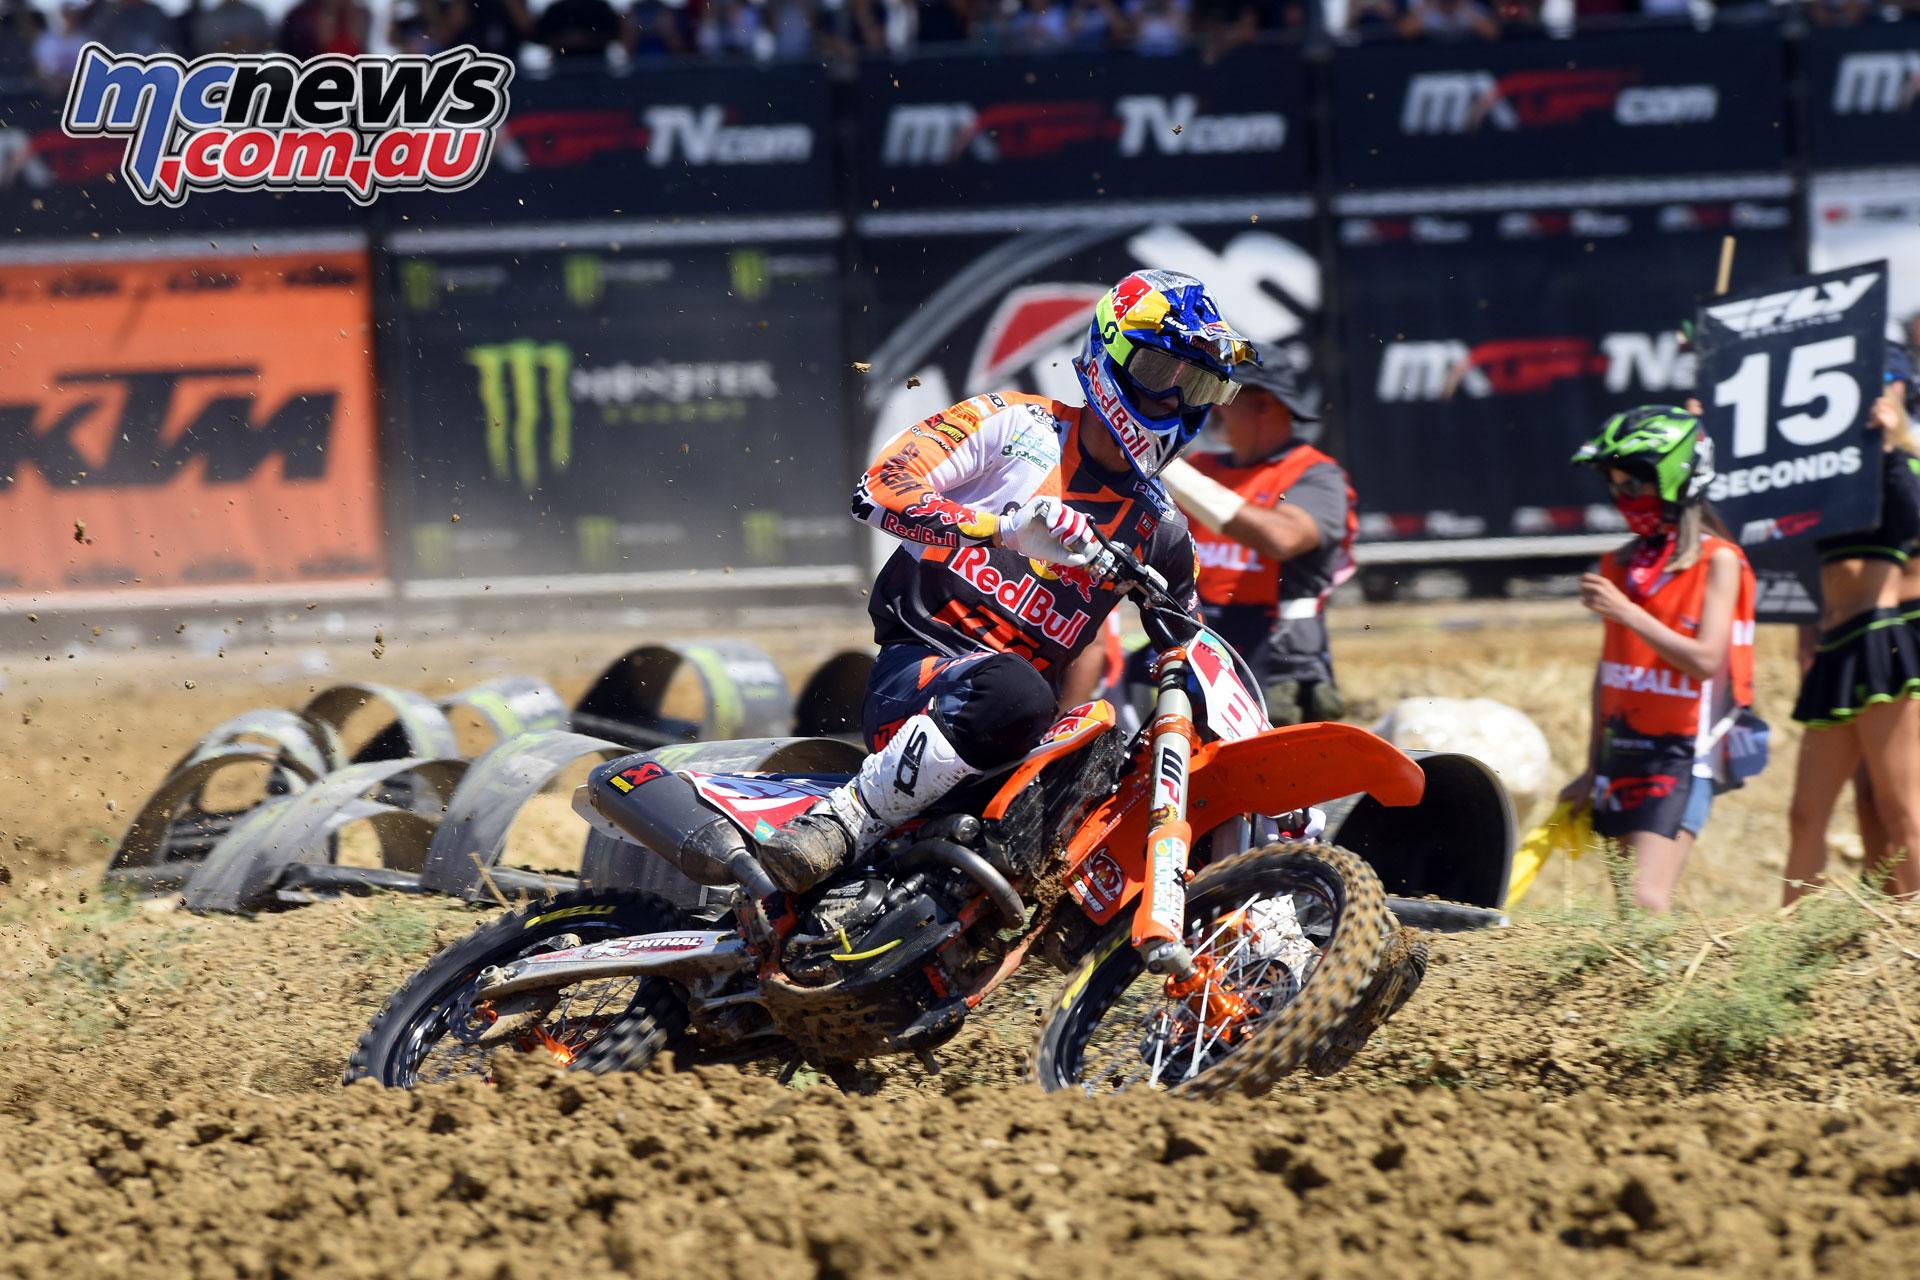 MXGP Rnd Turkey MX Prado action